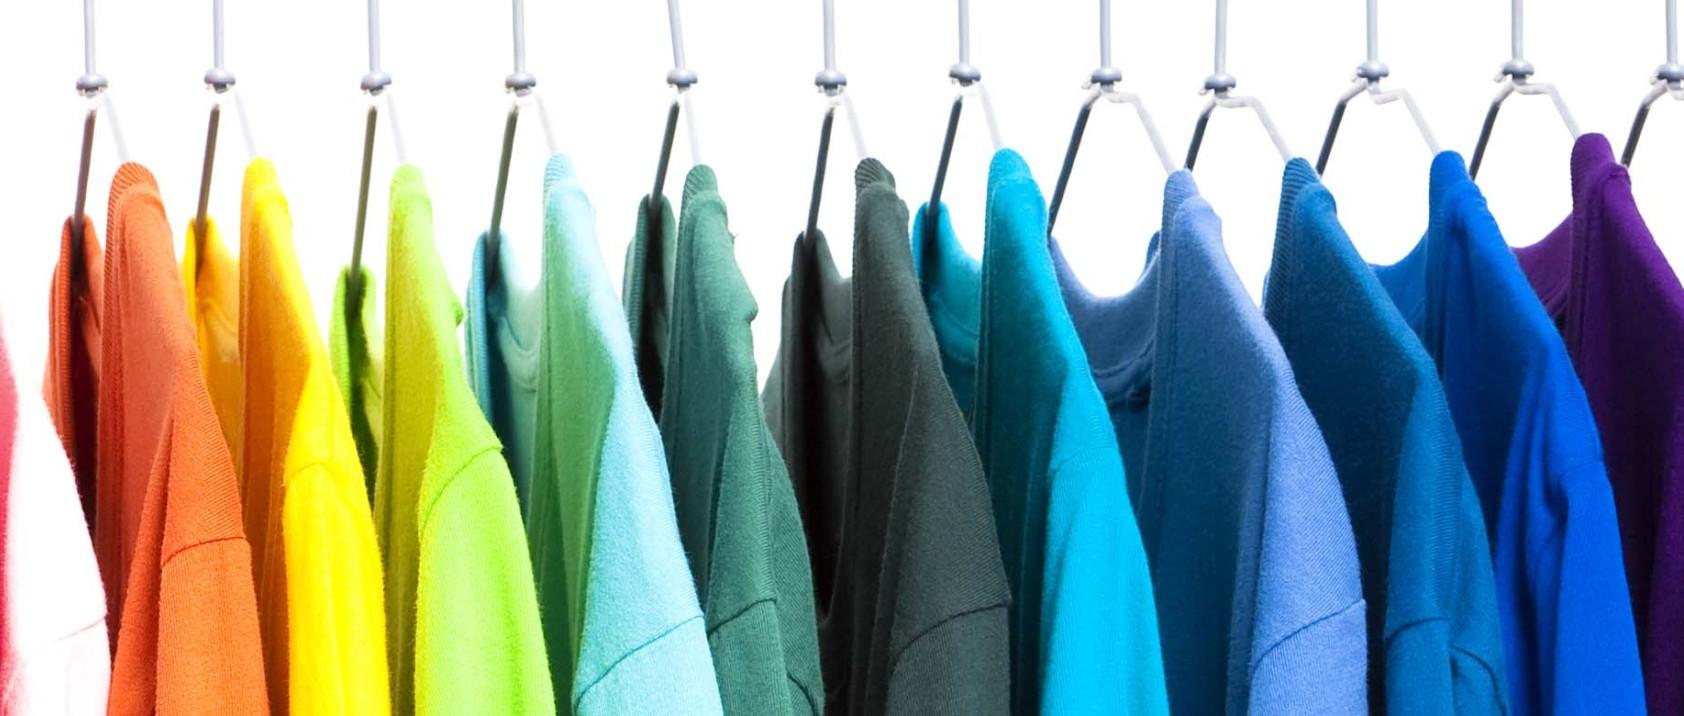 Abbigliamento Realizzato con passione e un occhio sempre attento alle ultime tendenze, l'abbigliamento Liu Jo è pensato per donne sicure di sè, che amano sentirsi femminili senza rinunciare a un tocco frizzante.